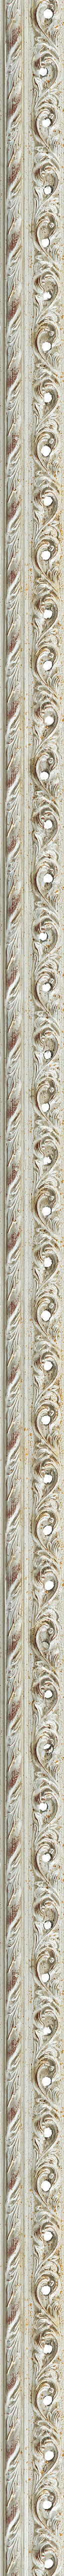 Αntique silver leaf frame frame